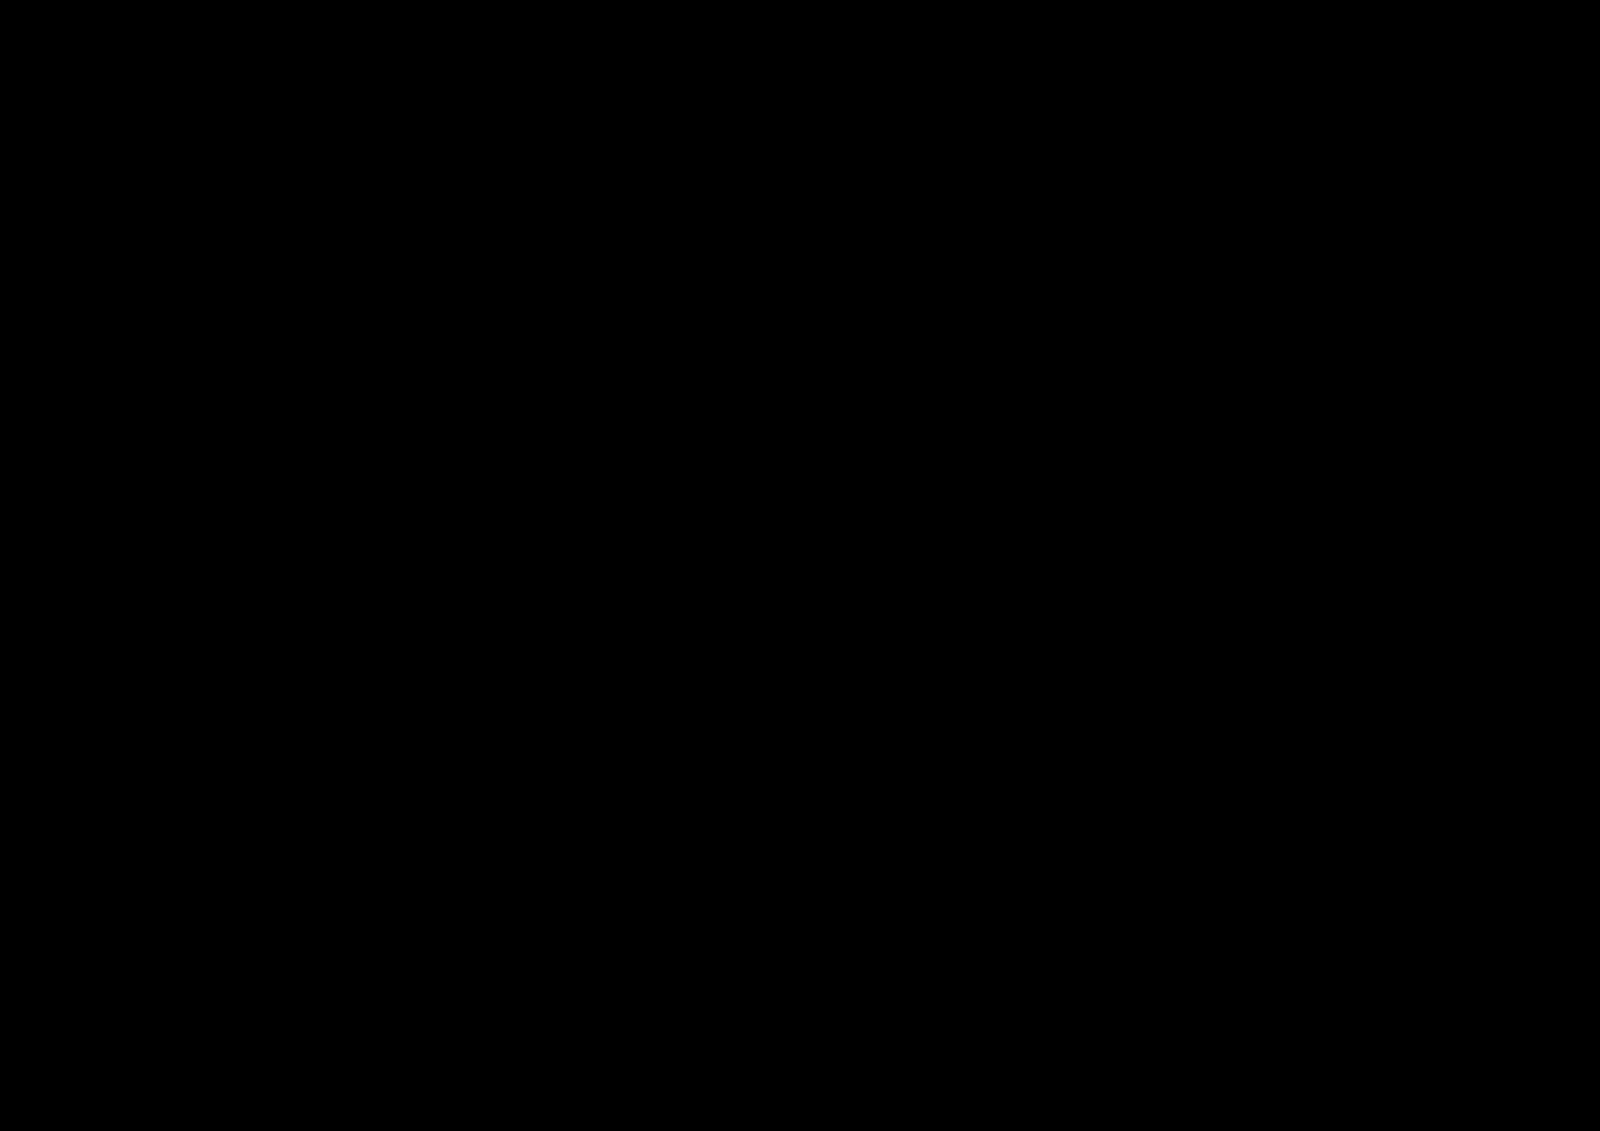 genio Entretenimiento Fortalecer  Piratas del Caribe partitura de Violín de Hans Zimmer en la tonalidad de Re  menor. Partitura de la Banda Sonora de Pirat… | Partituras, Piratas del  caribe, Violines